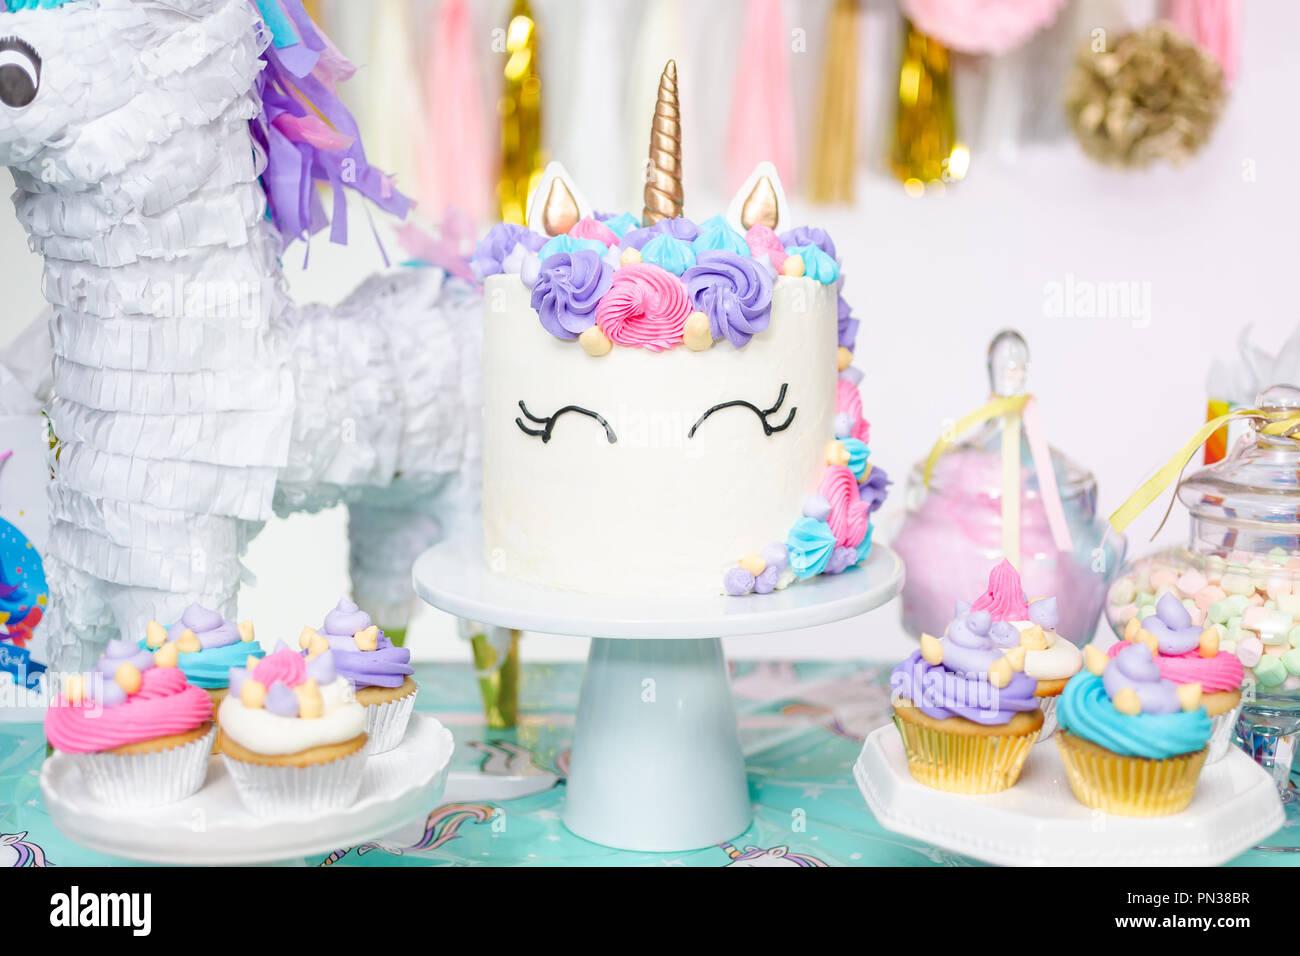 Kleines Mädchen Geburtstag Tabelle Mit Unicorn Kuchen Muffins Und